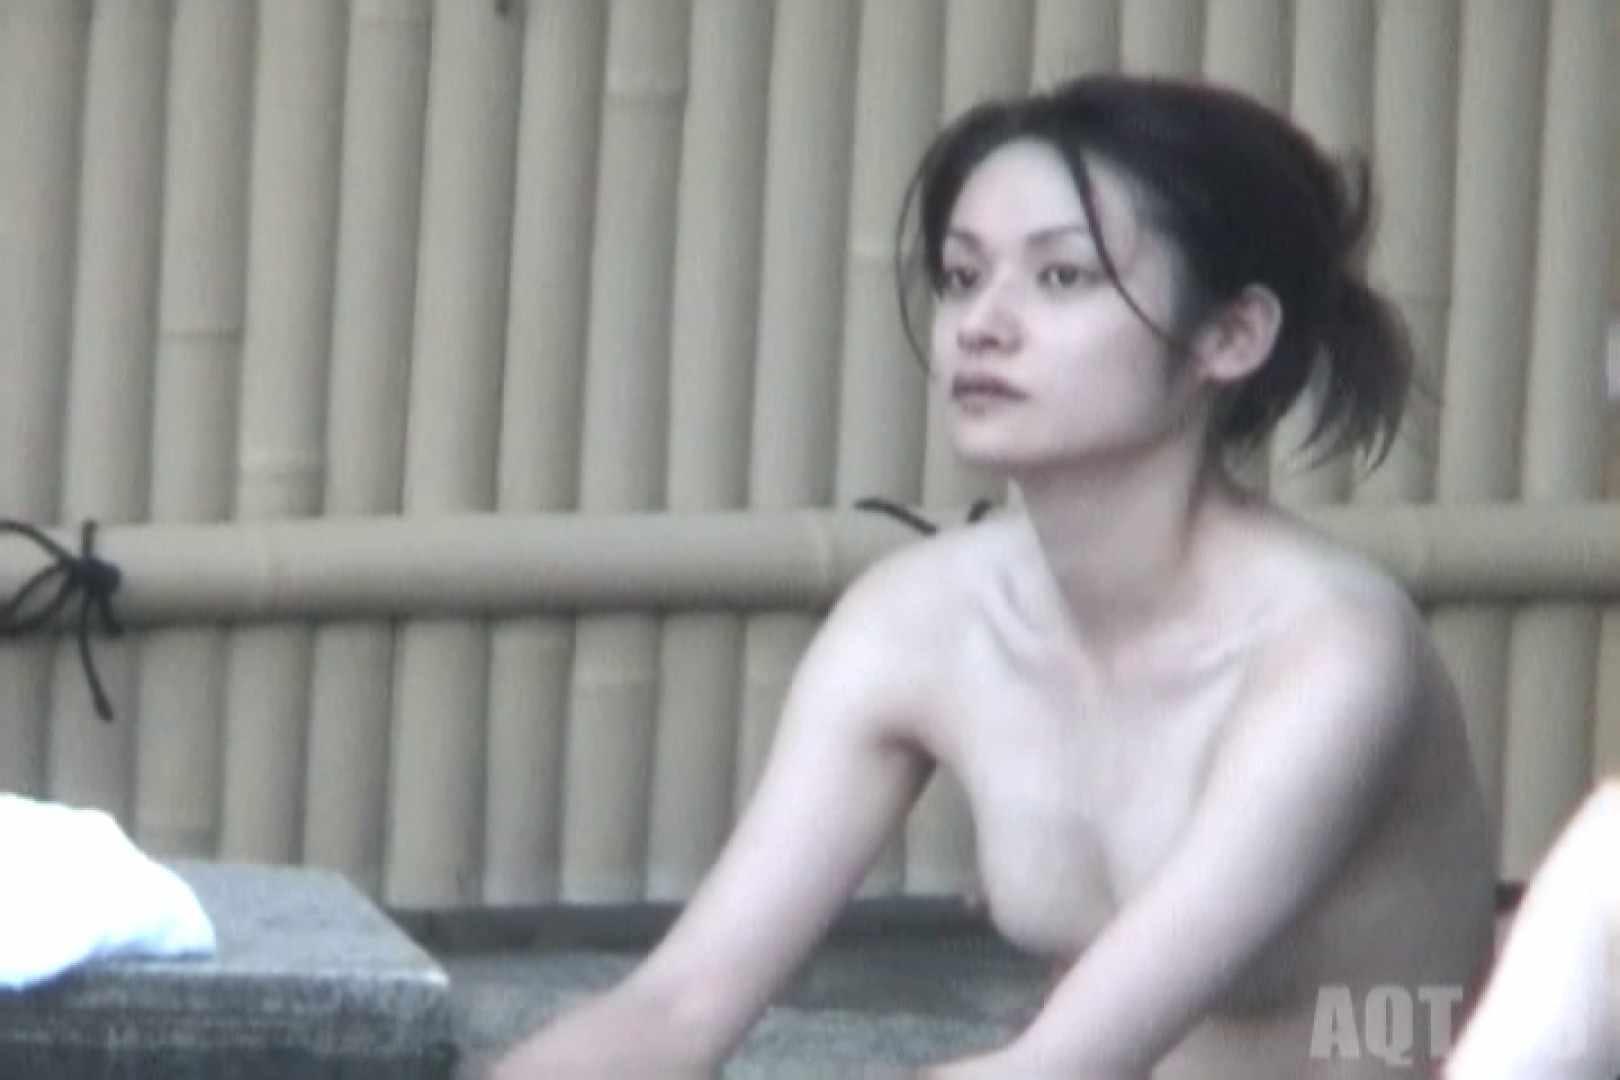 Aquaな露天風呂Vol.839 盗撮シリーズ  93PIX 70